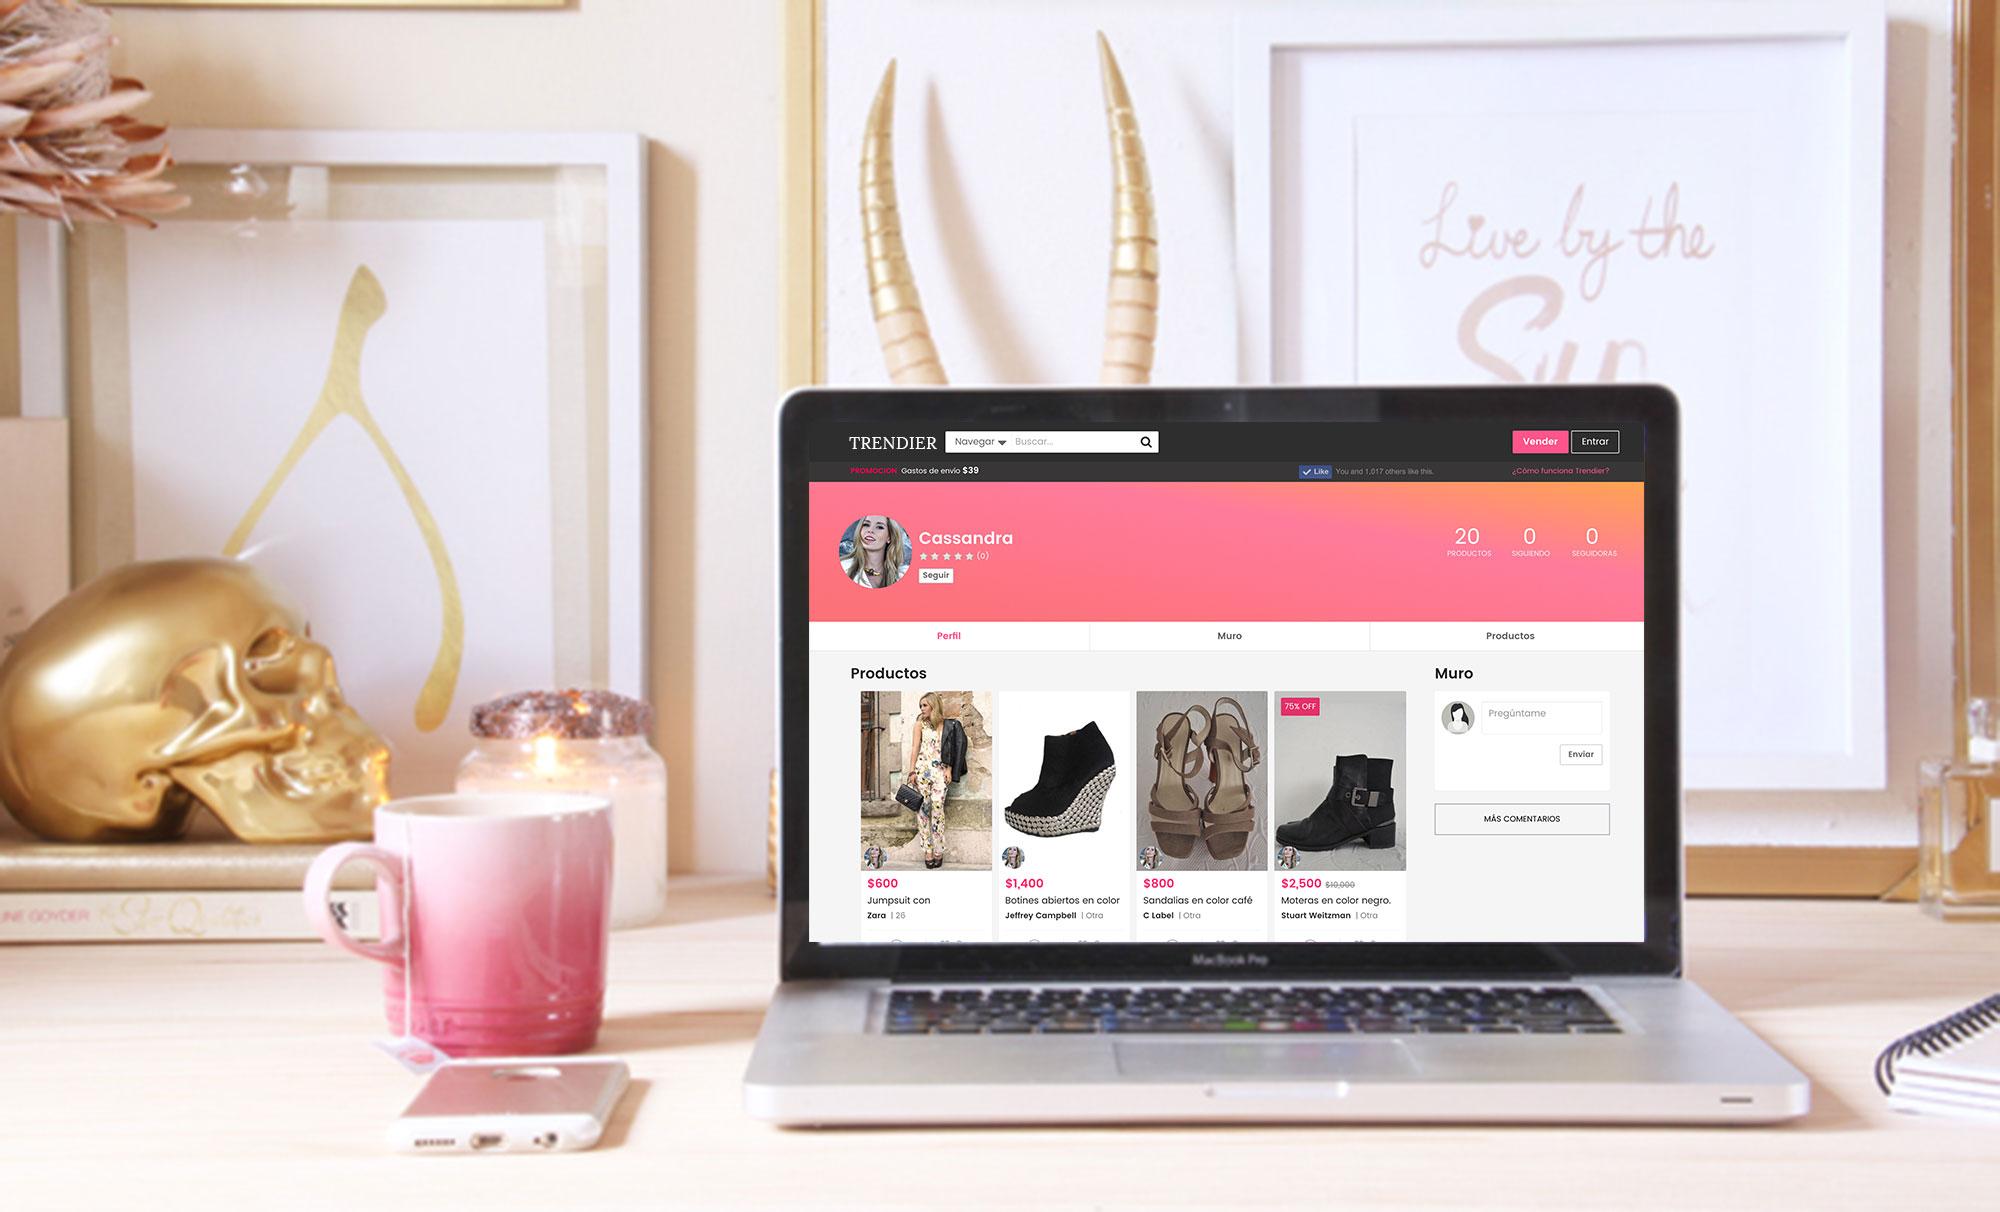 Conoce Trendier: el marketplace para comprar y vender ropa usada en Colombia